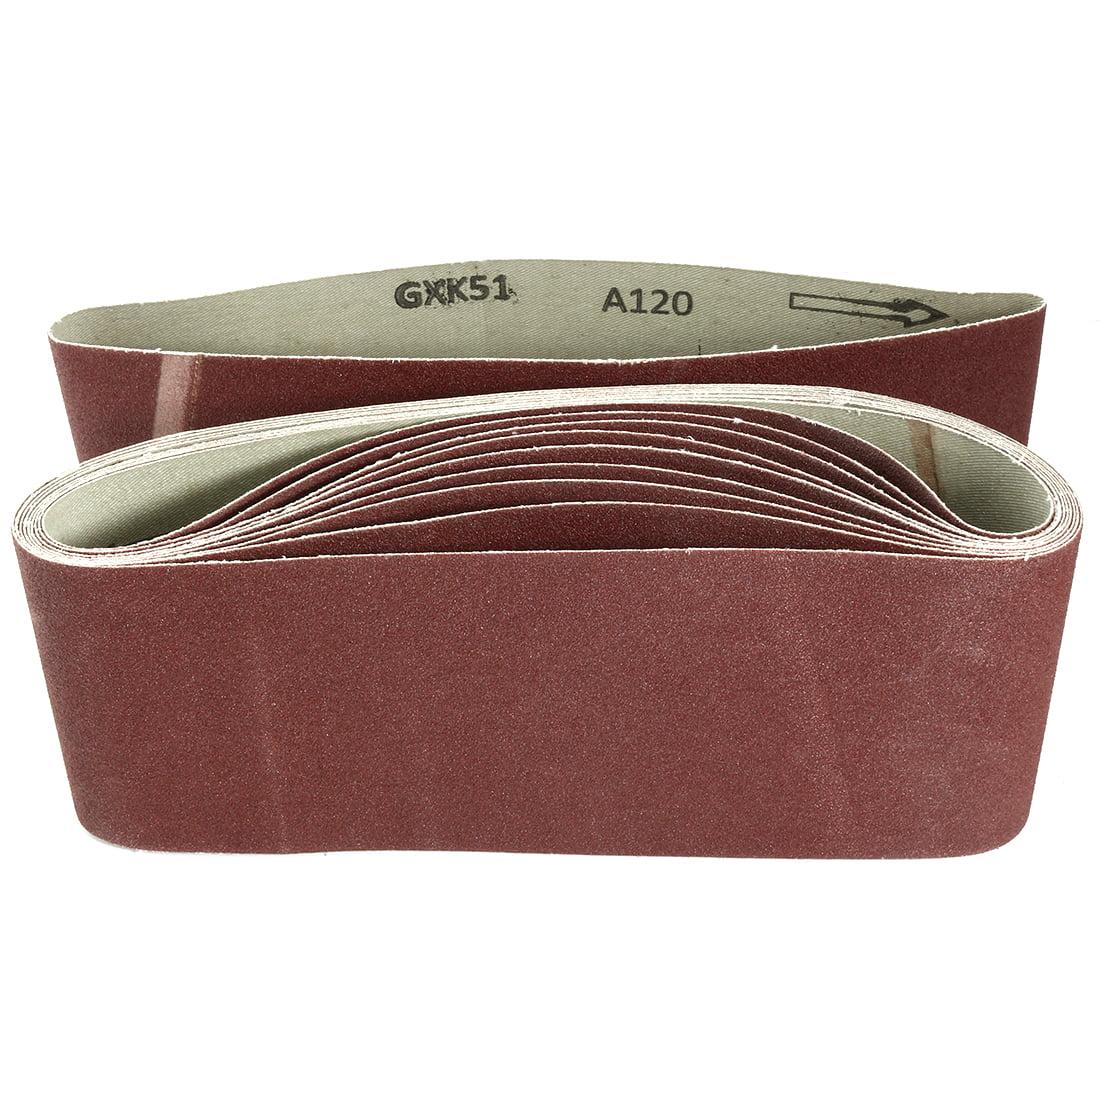 Unique Bargains 4-Inch x 24-Inch 120 Grit Lapped Butt Joint Aluminum Oxide Sanding Belt 10pcs - image 3 de 3